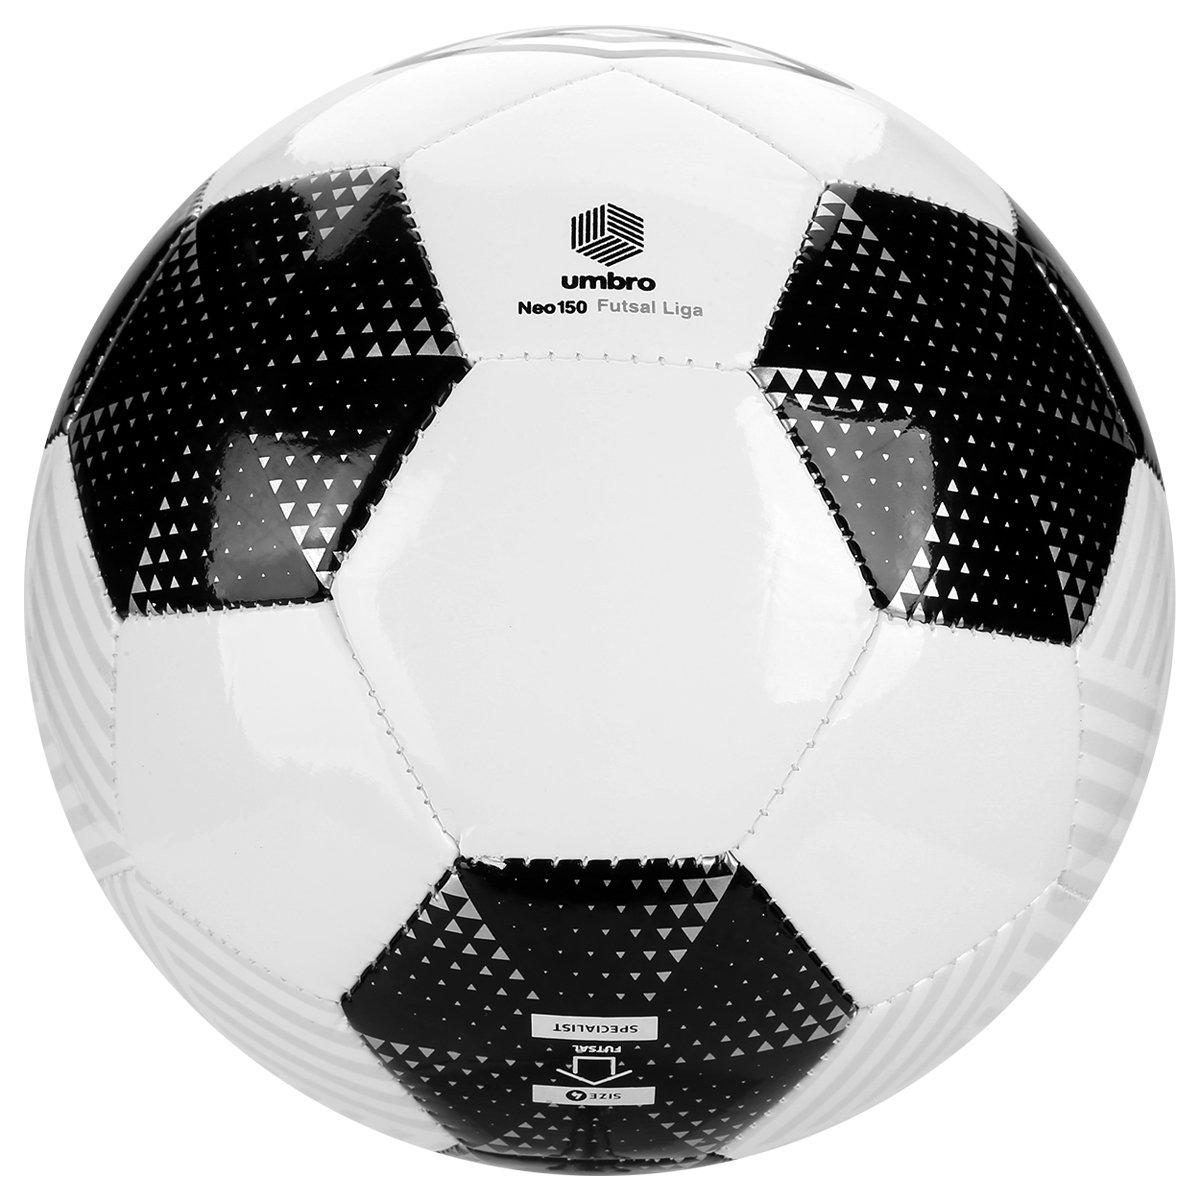 Bola Futsal Umbro Neo Liga - Compre Agora  bcd0b2d0ed20c